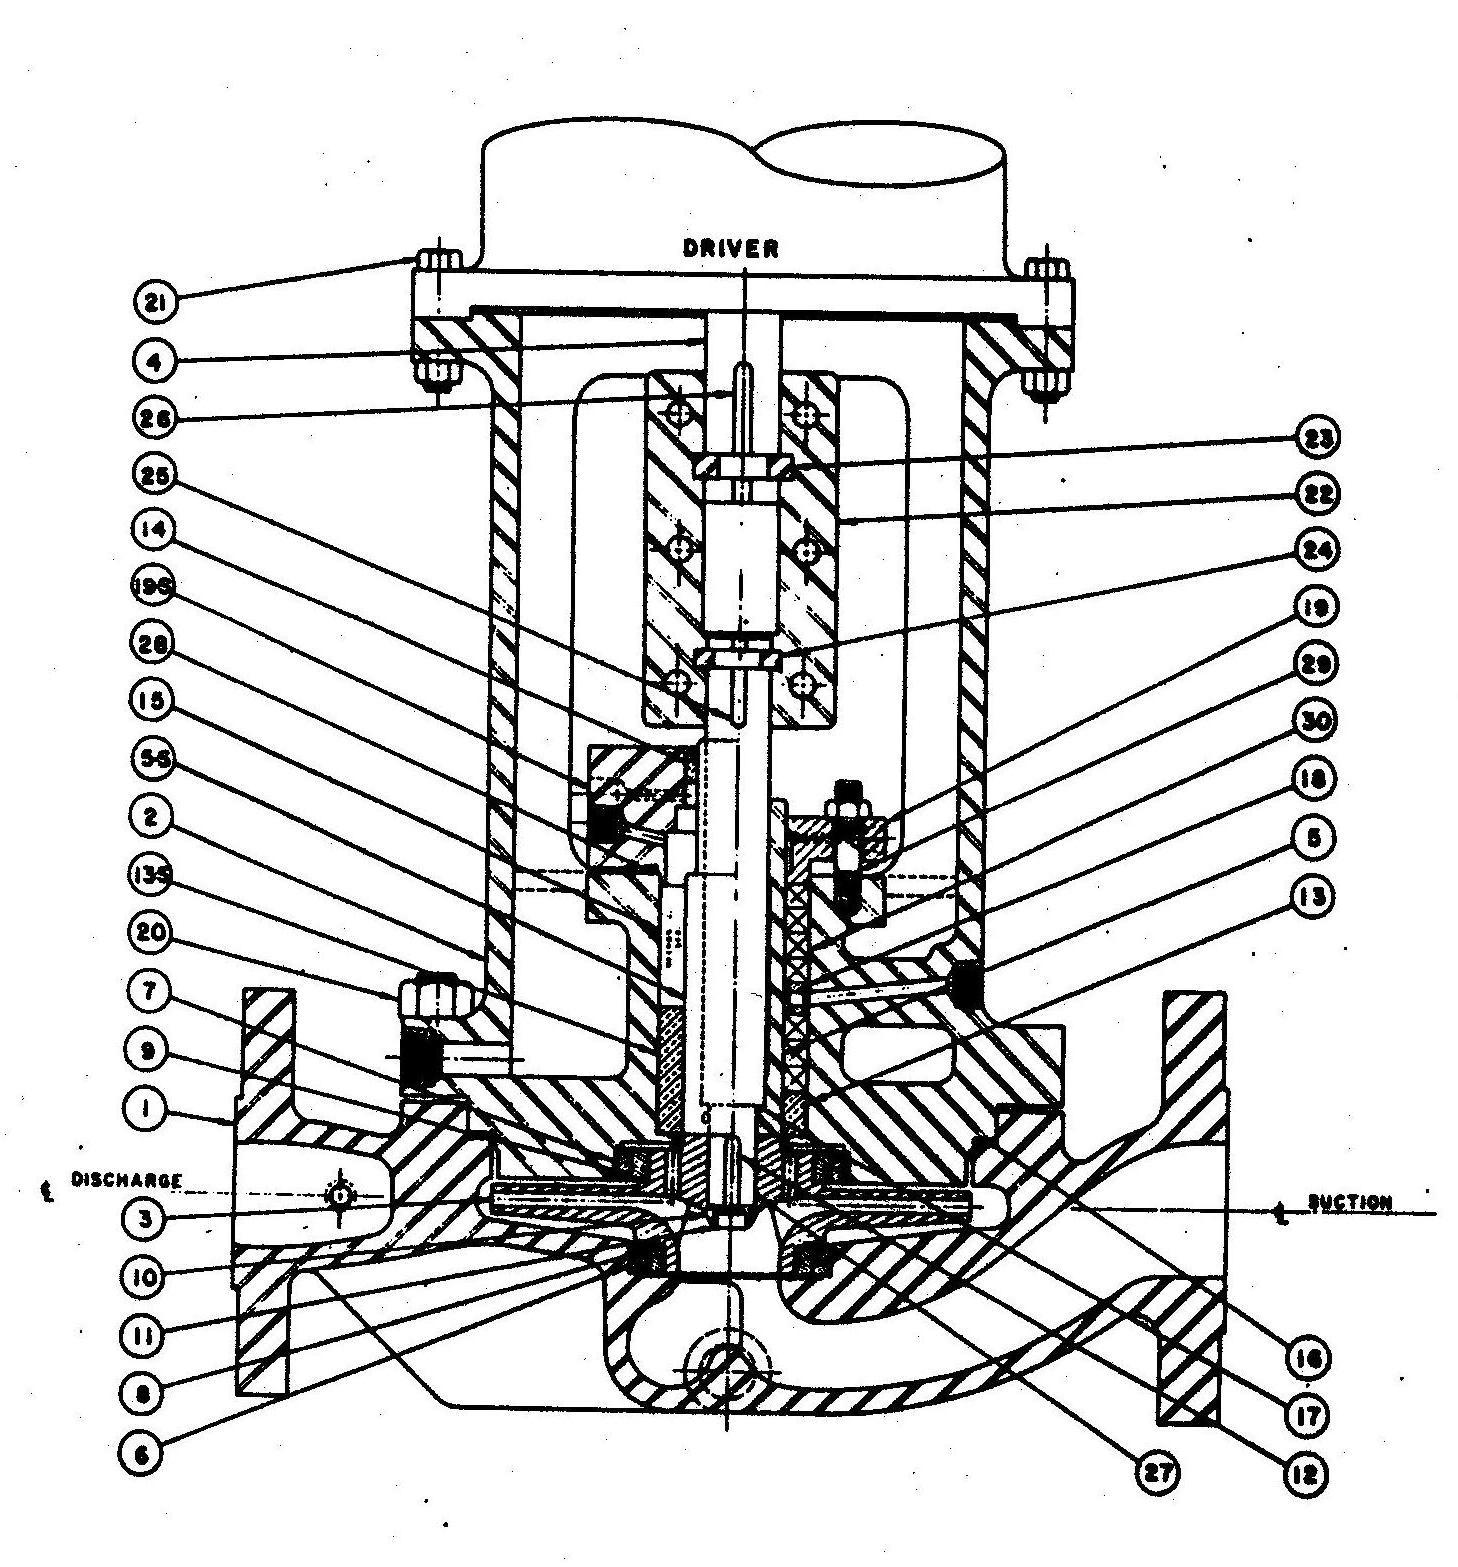 Centrifugal Pump Axial Thrust